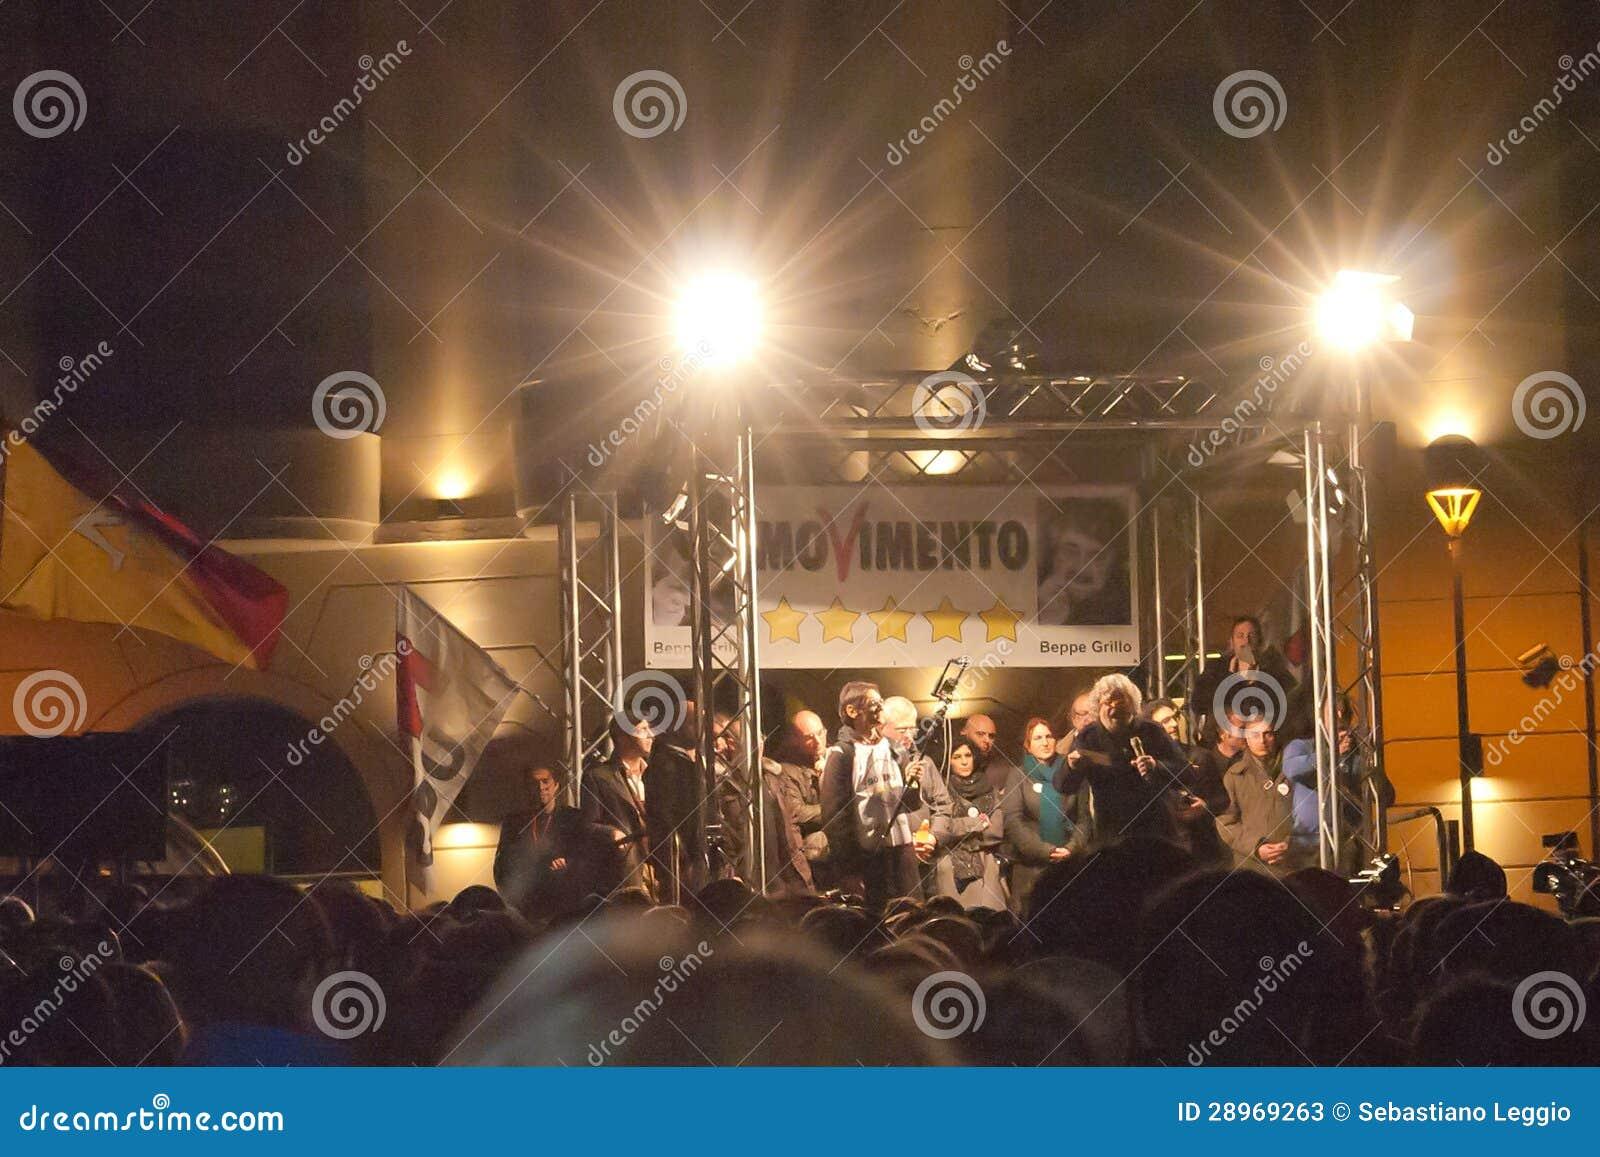 M5S zwolennicy słucha włoski showman Beppe Grillo